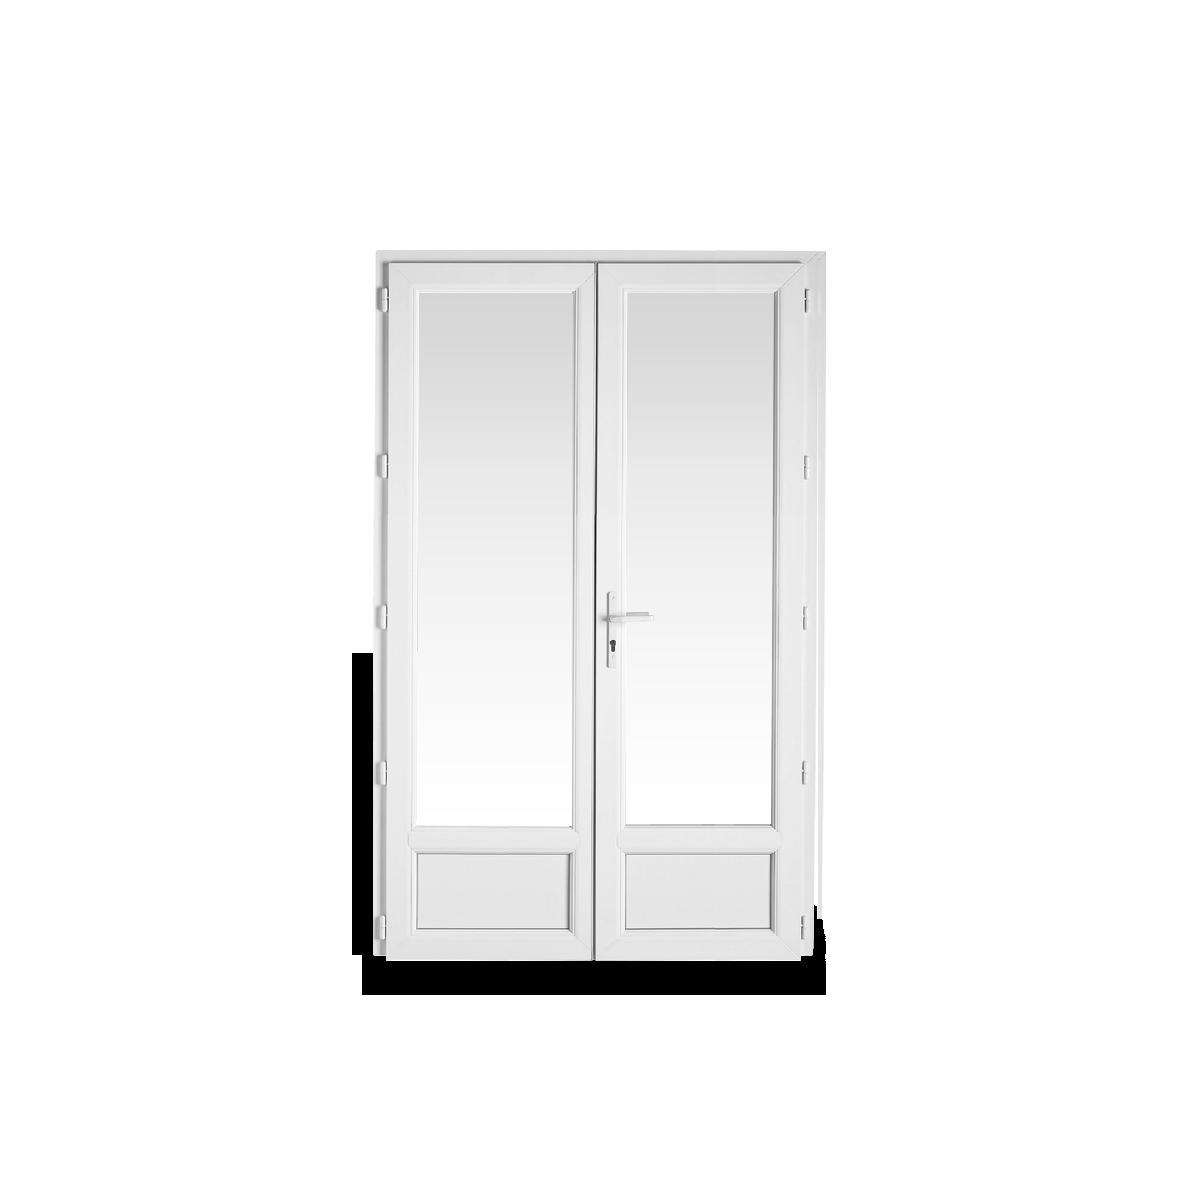 Fenêtres Portes Fenêtres Et Baies Coulissantes Pvc Fenêtres Lapeyre